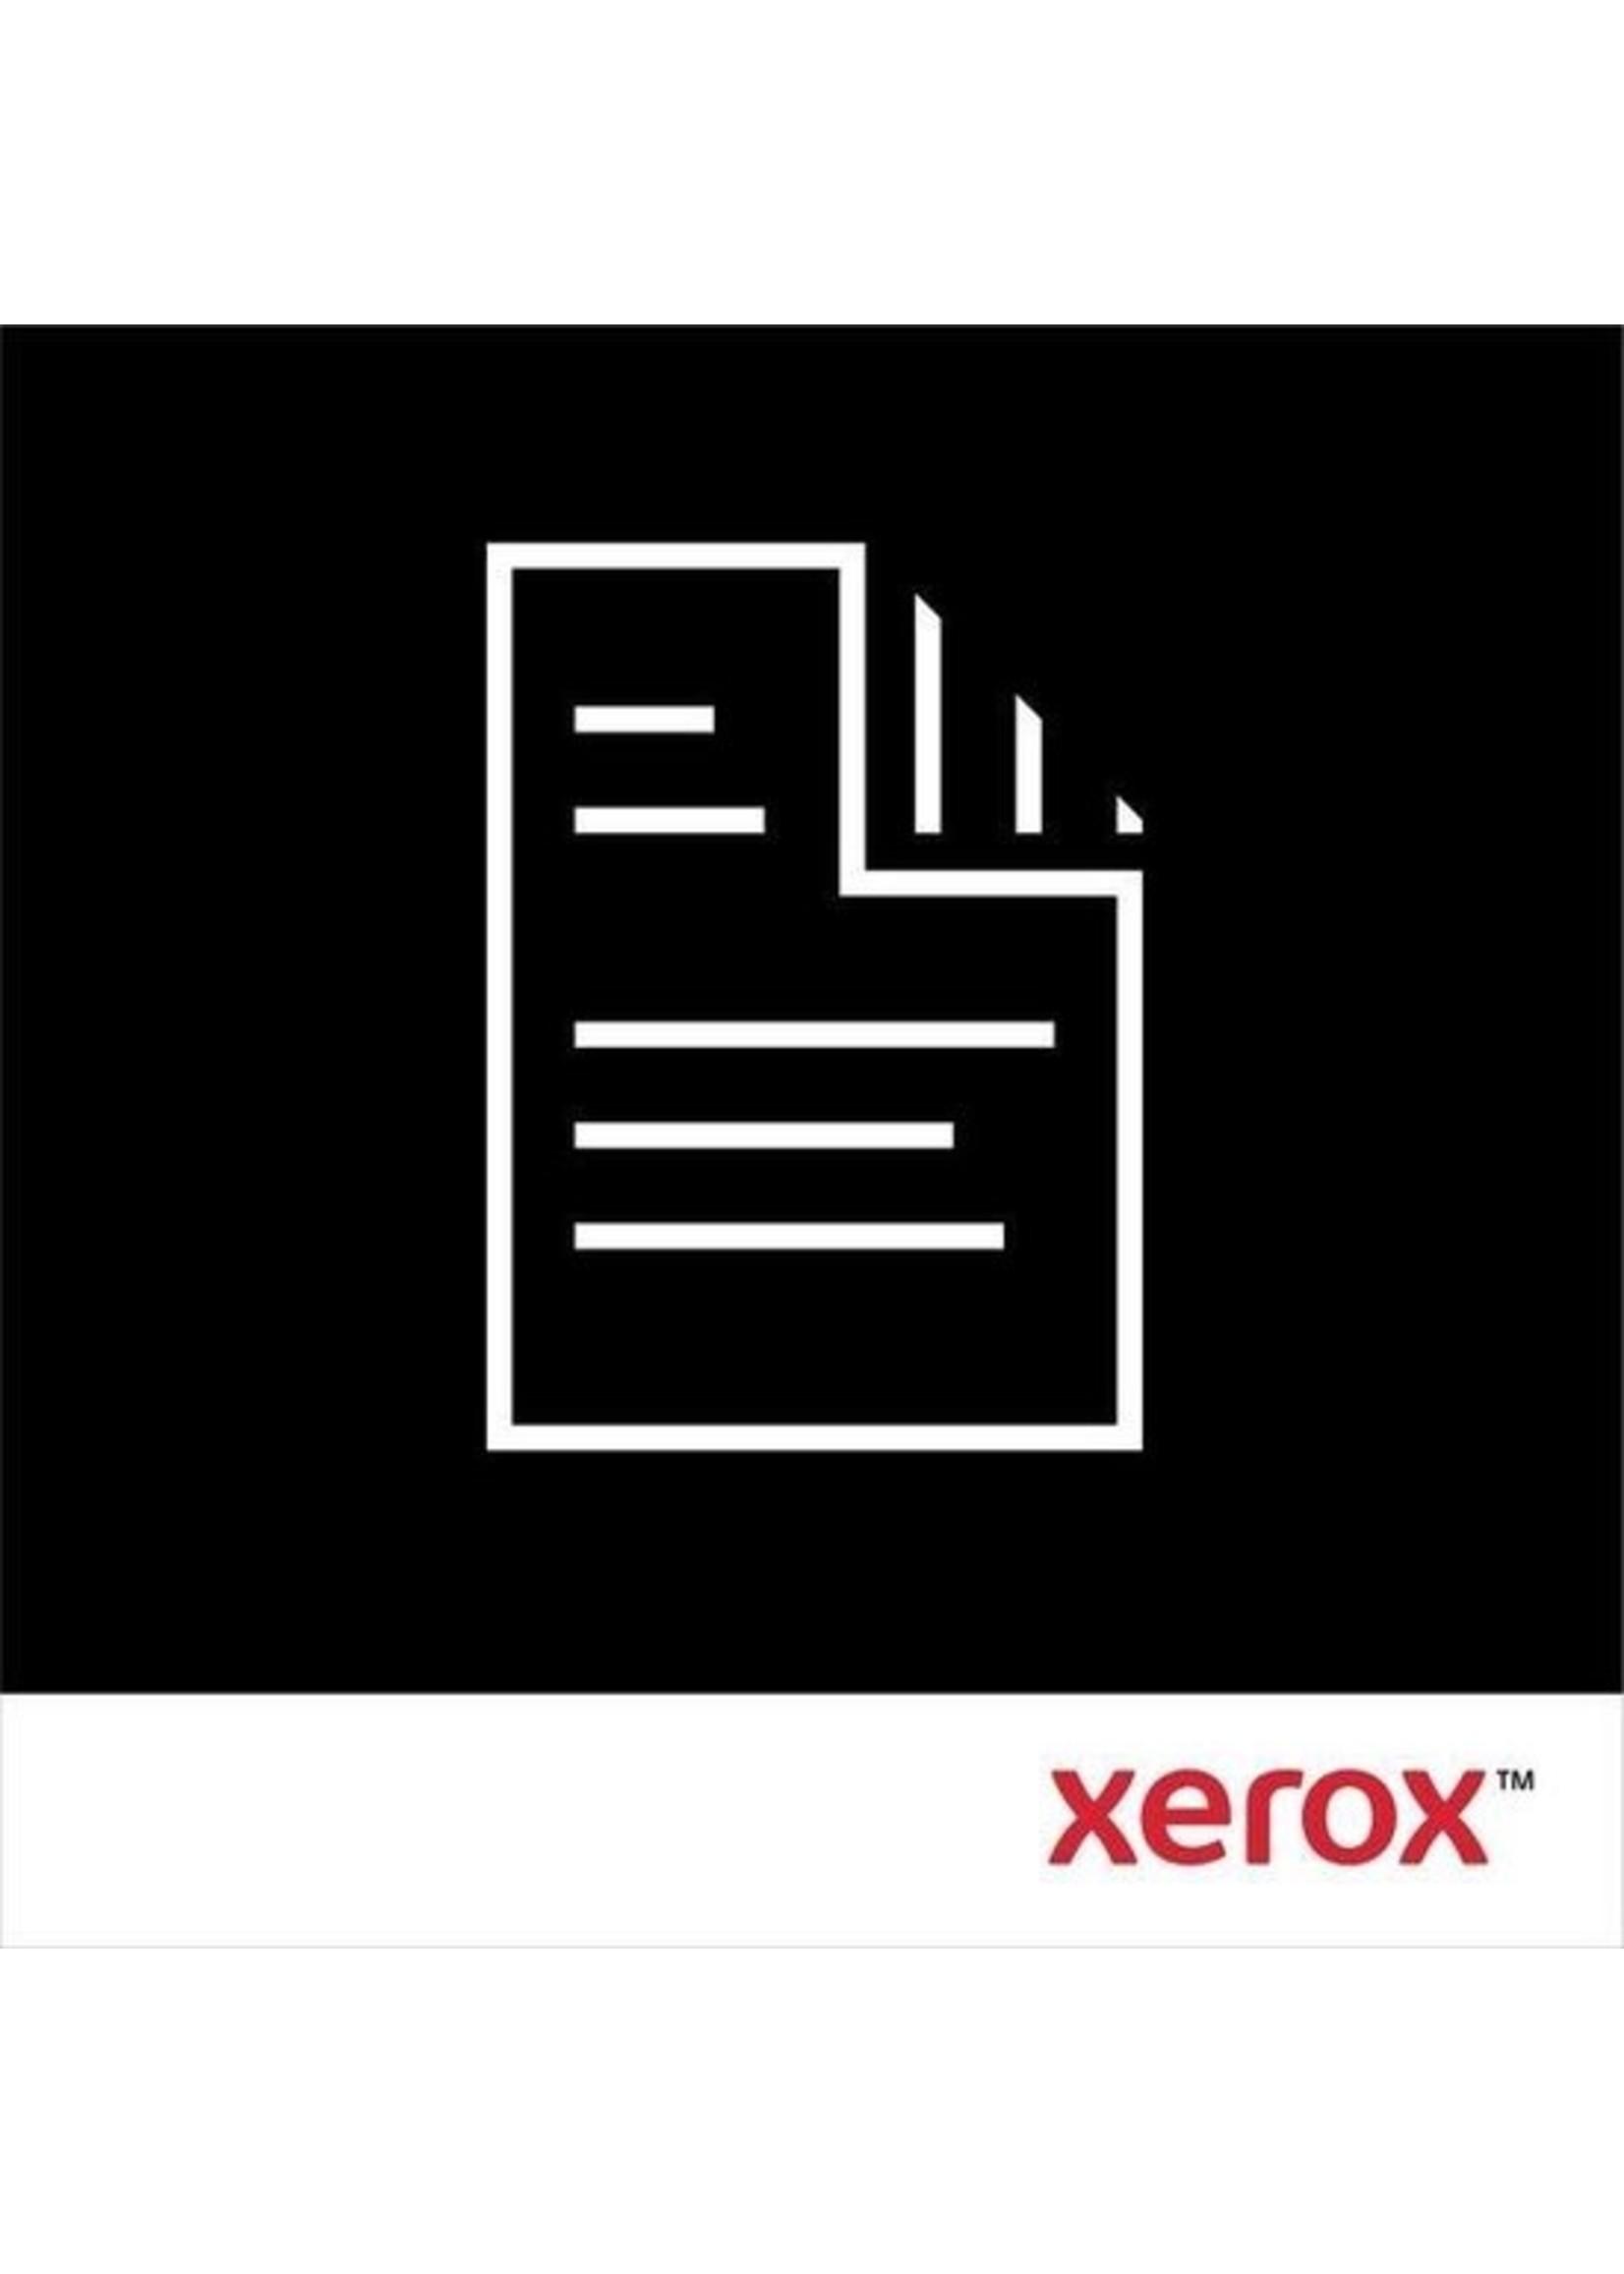 Xerox Xerox Duplexmodule (automatisch dubbelzijdig afdrukken) Phaser 6500 en WorkCentre 6505, Phaser 6140